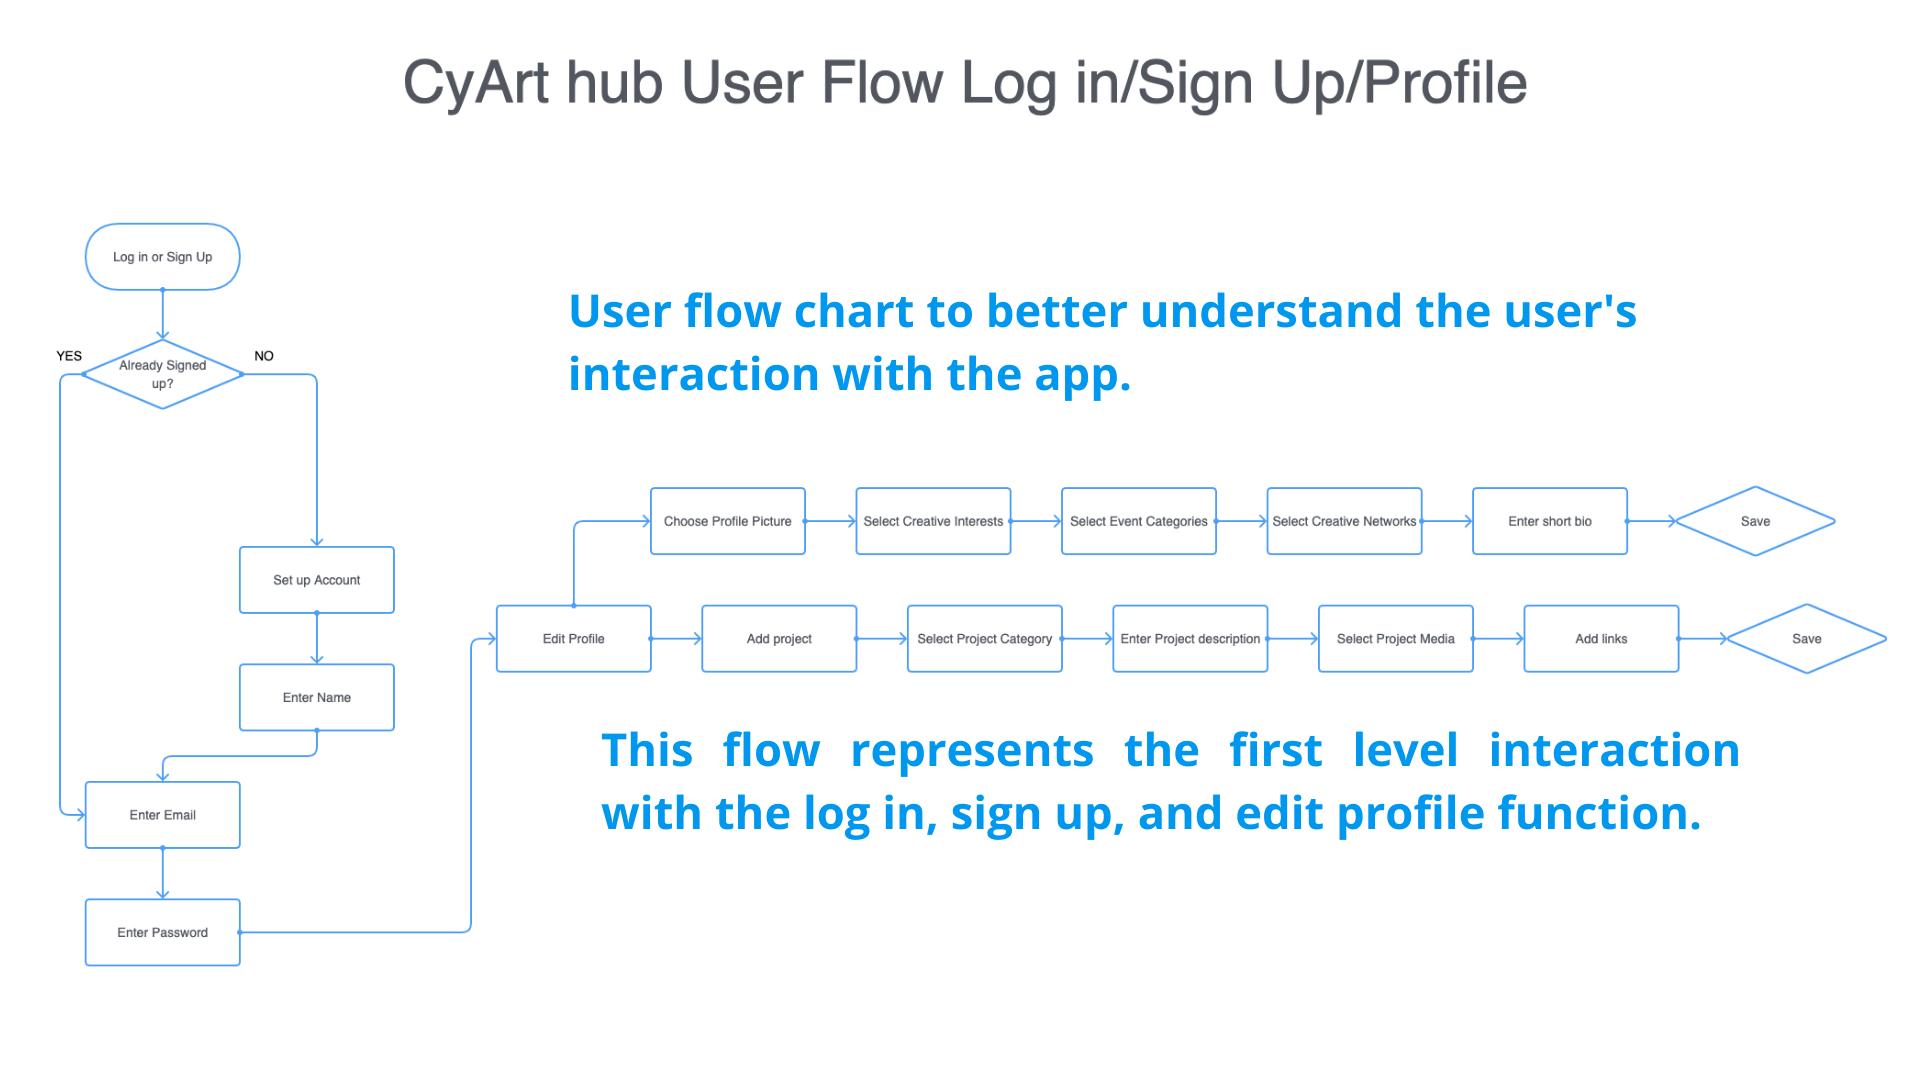 CyArt Hub